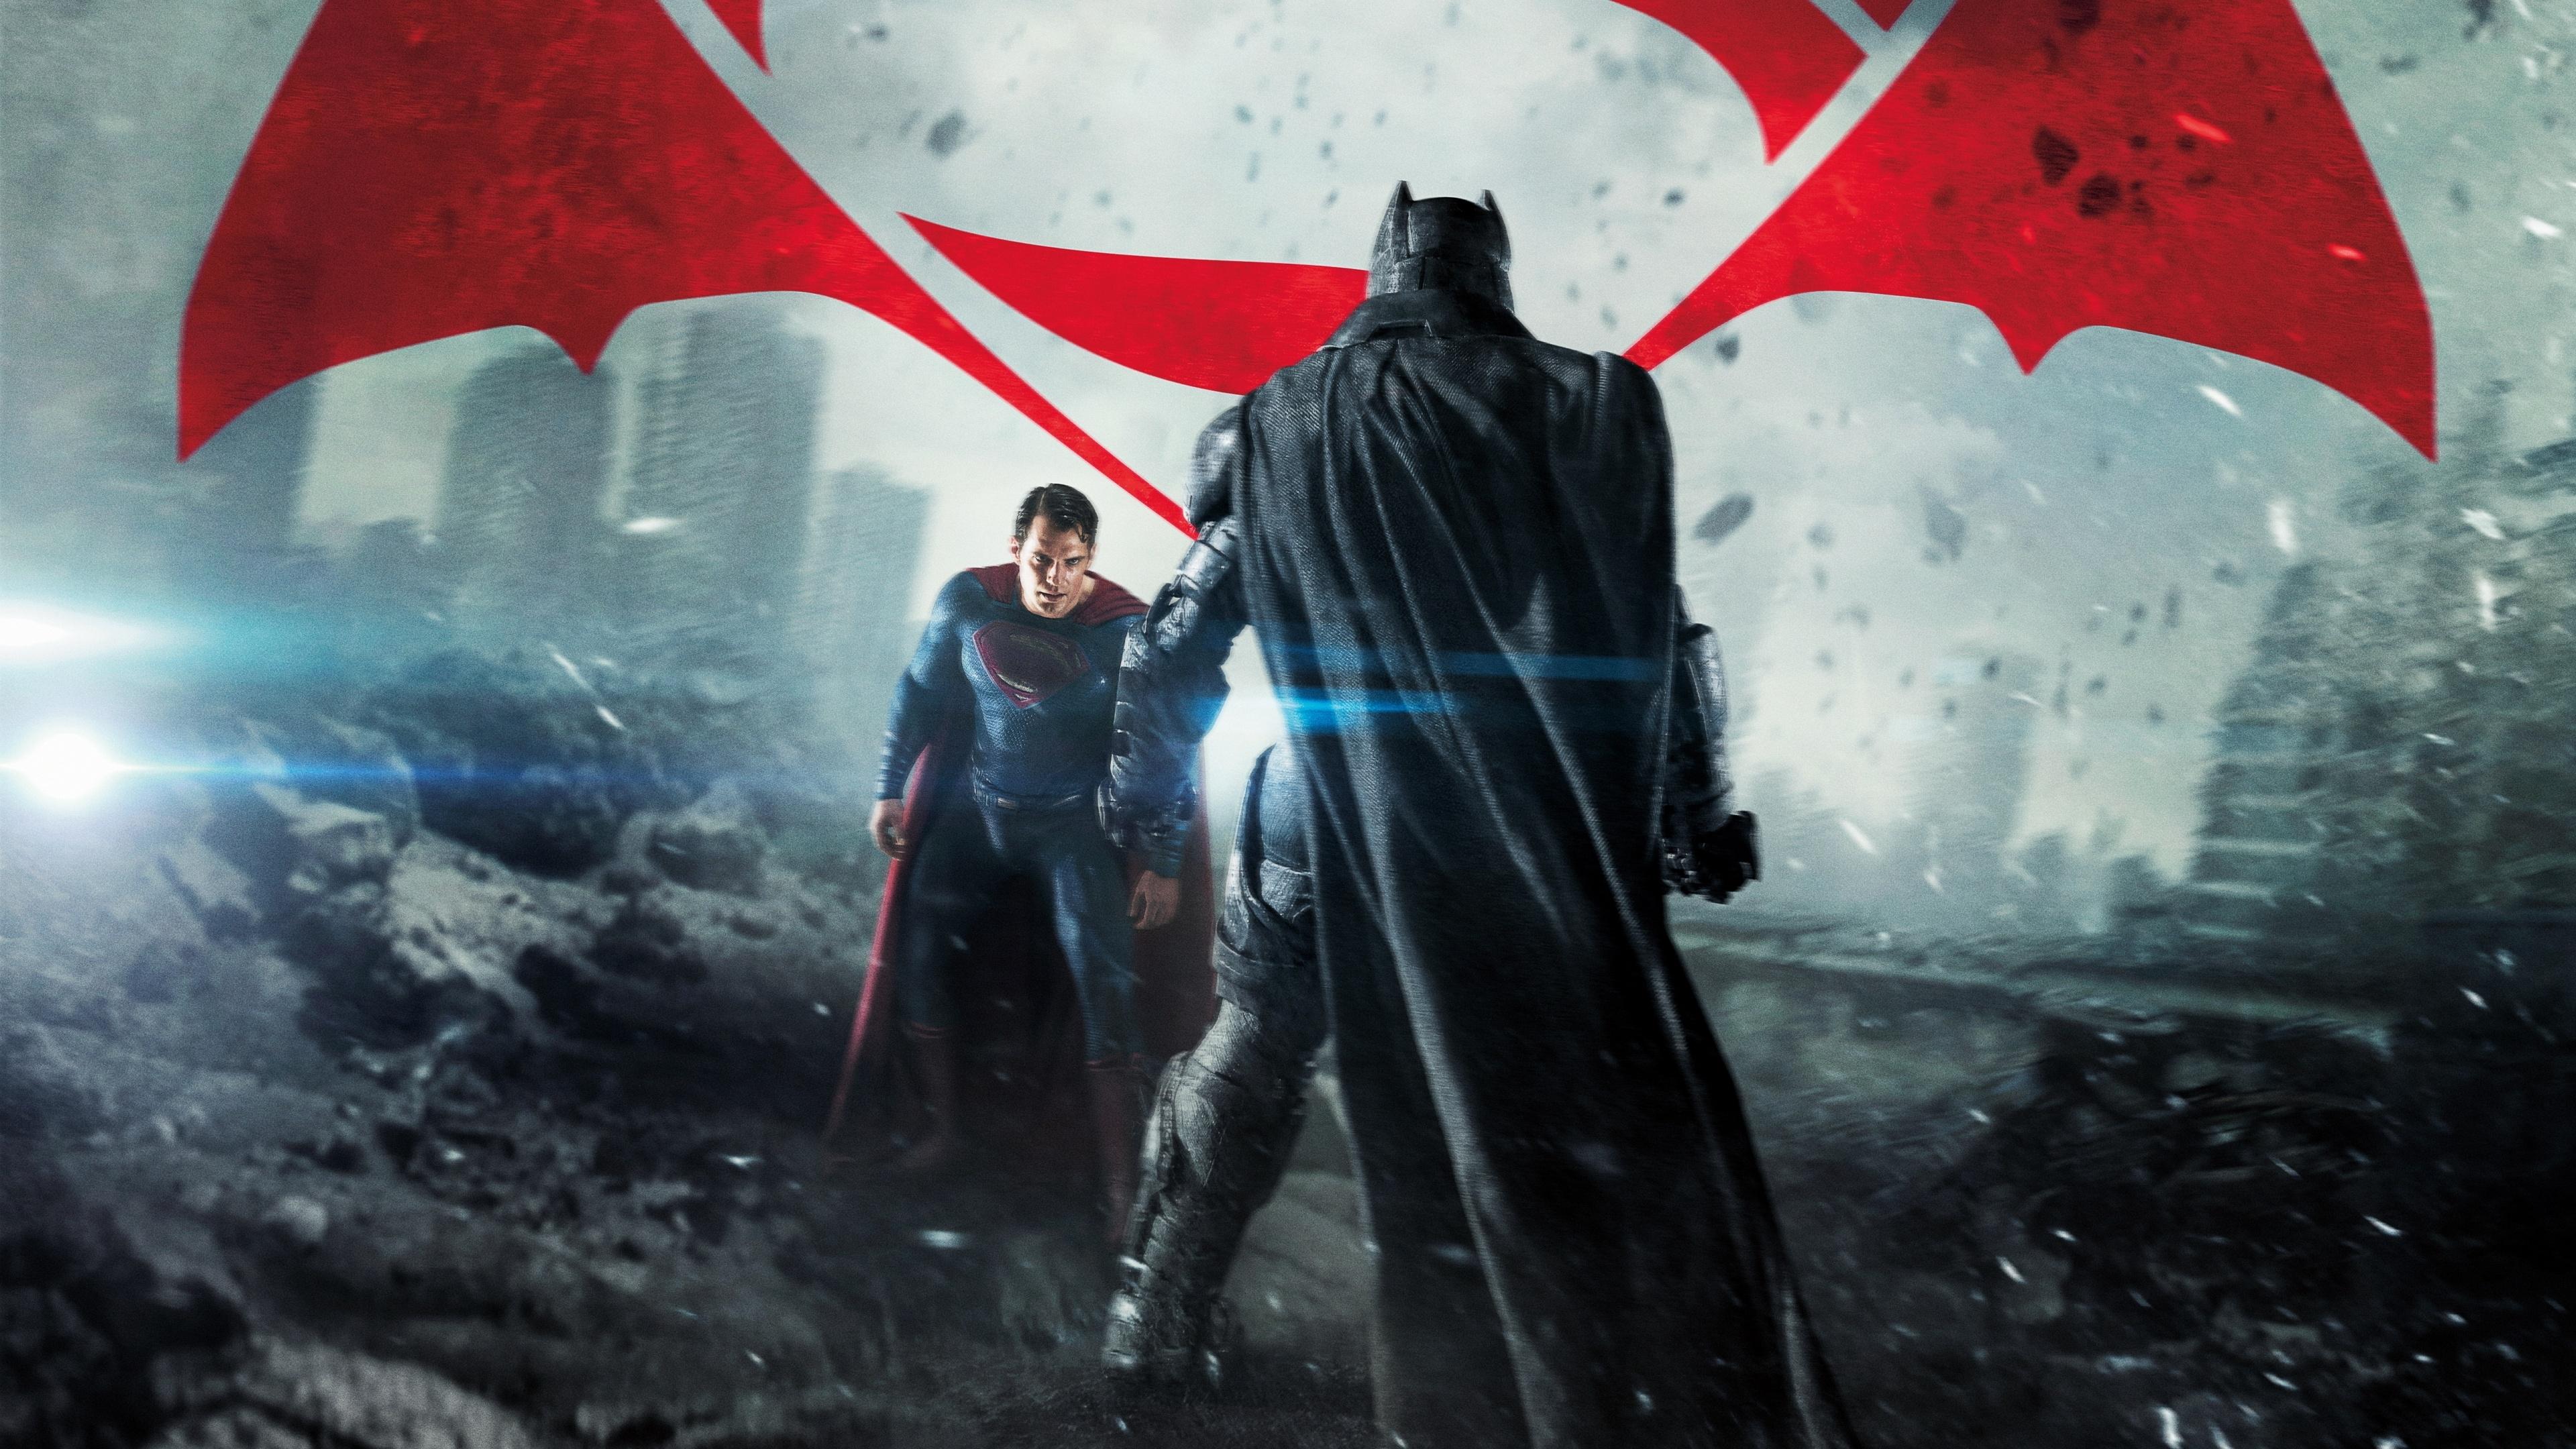 batman v superman: dawn of justice 4k ultra hd fond d'écran and